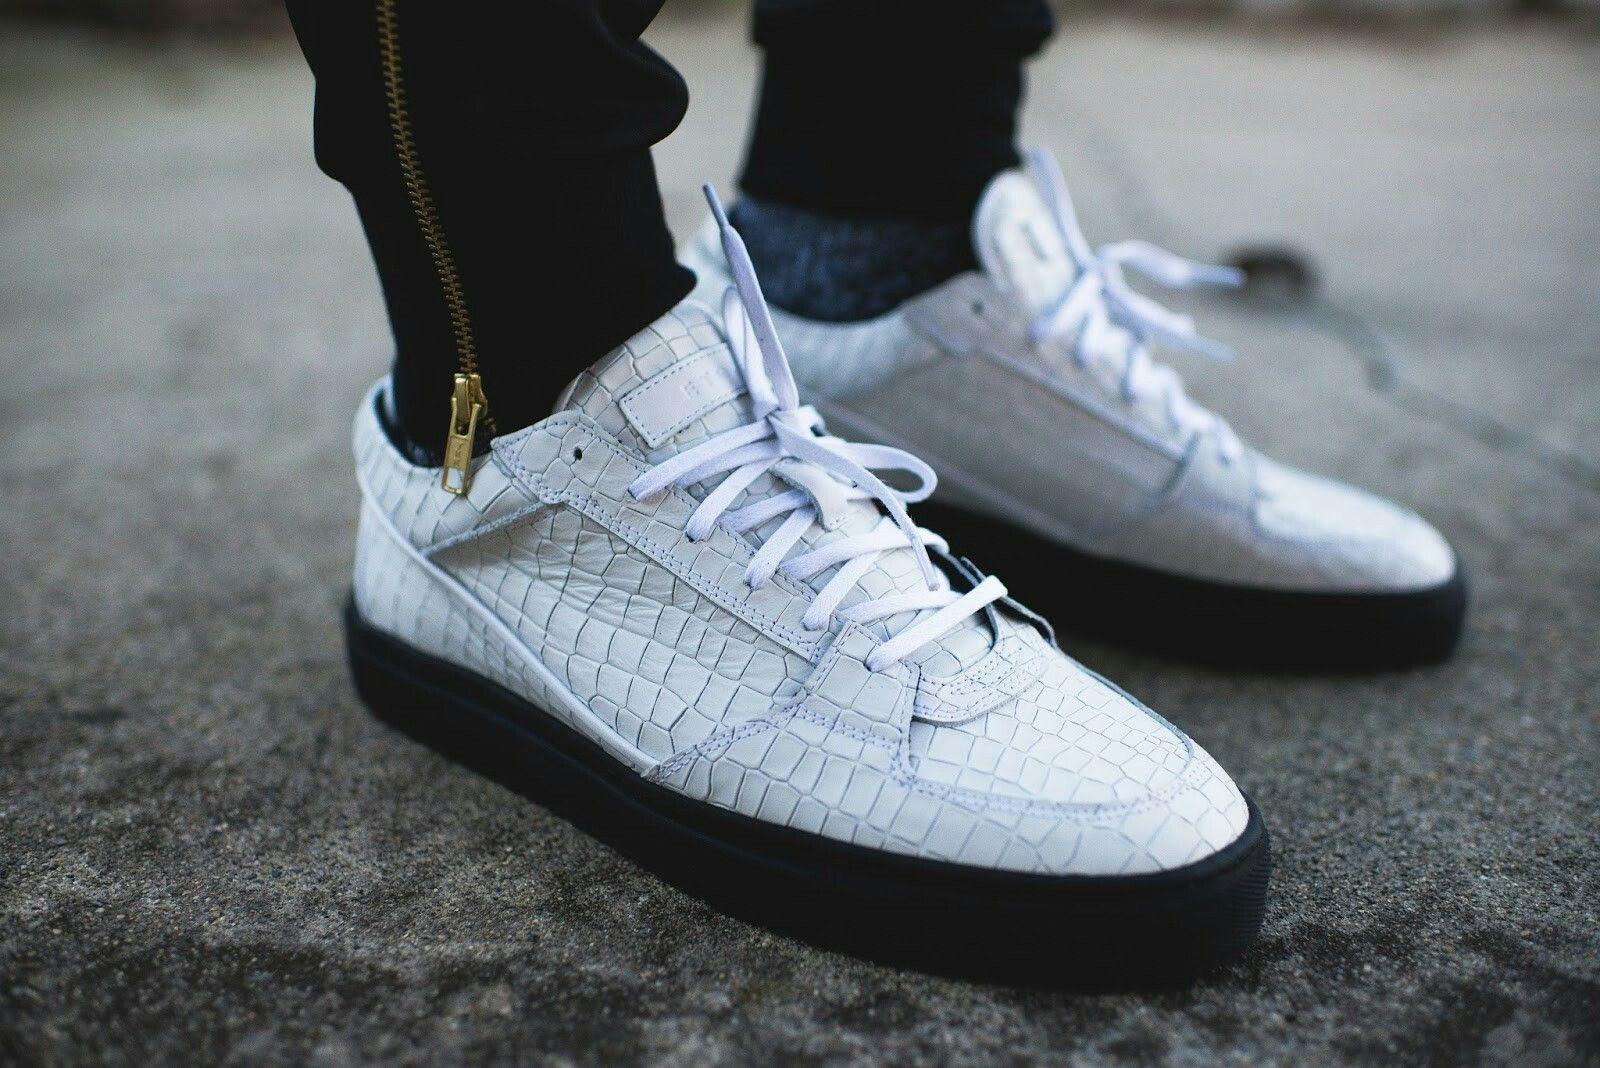 Etq. Etq. Woven Low-top Sneakers - Black Tissés Chaussures De Sport Faible - Noir sL0l1xhFy